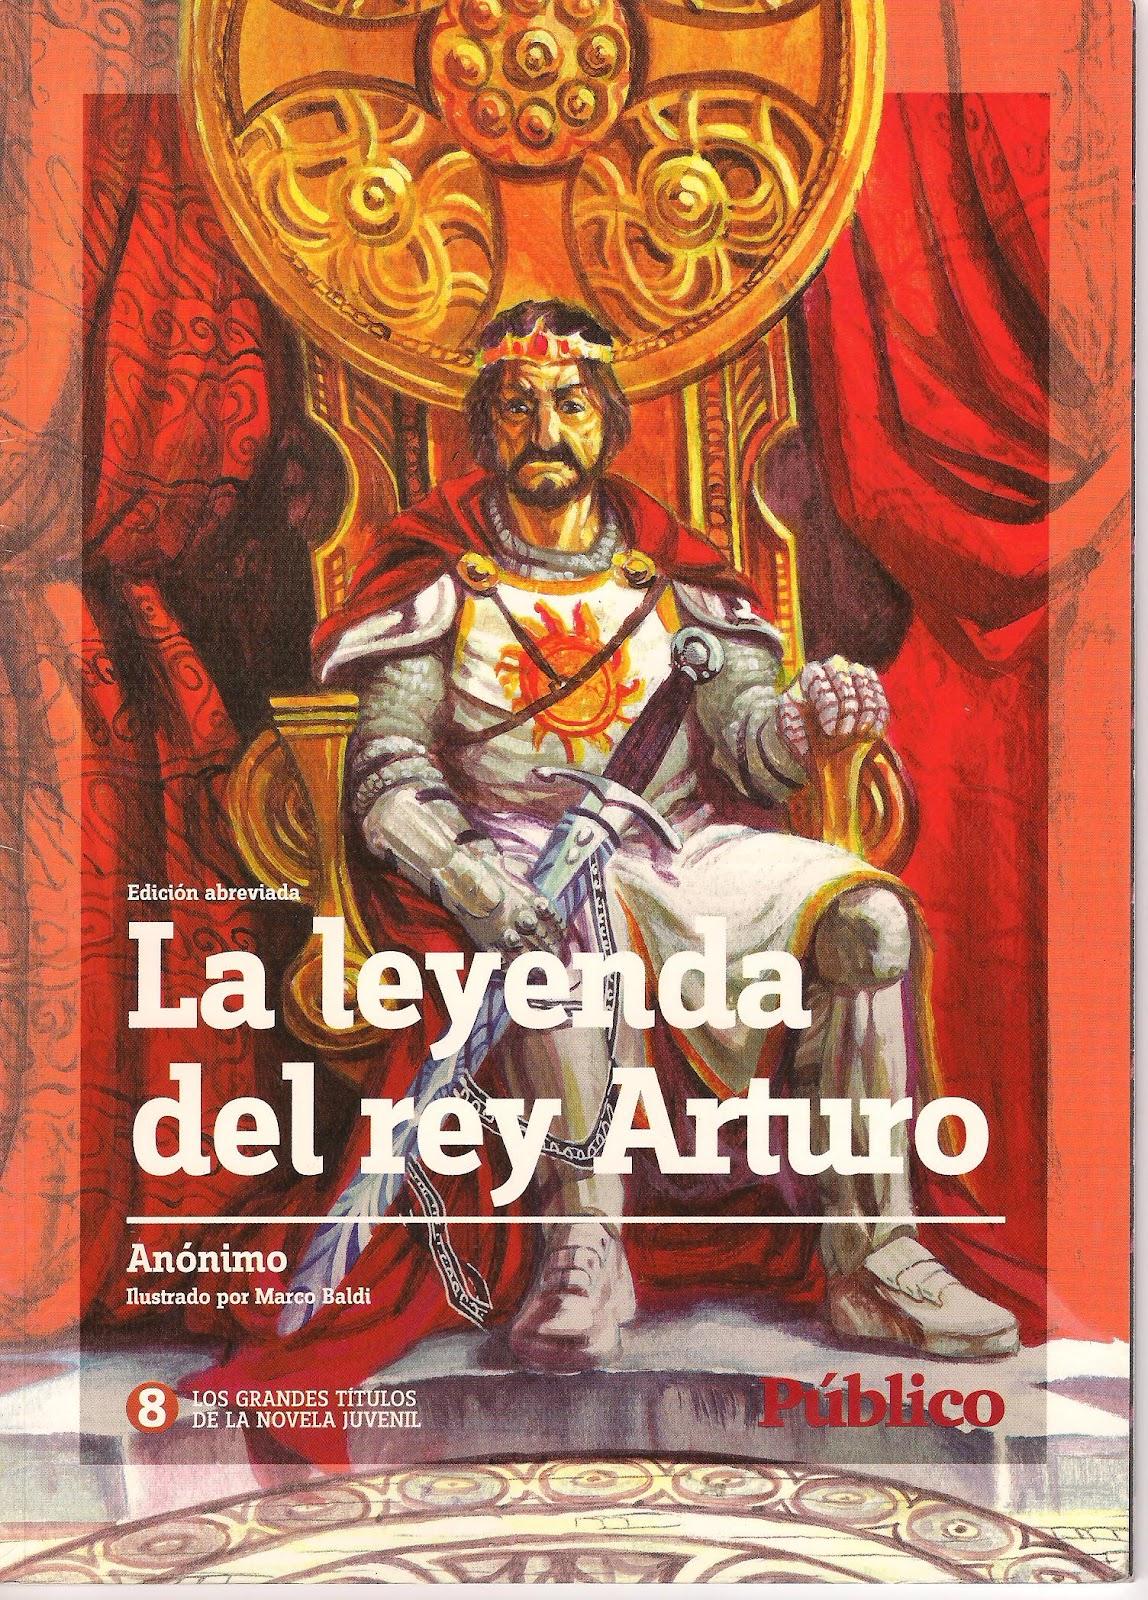 Rincón de la Lectura 3: La leyenda del rey Arturo